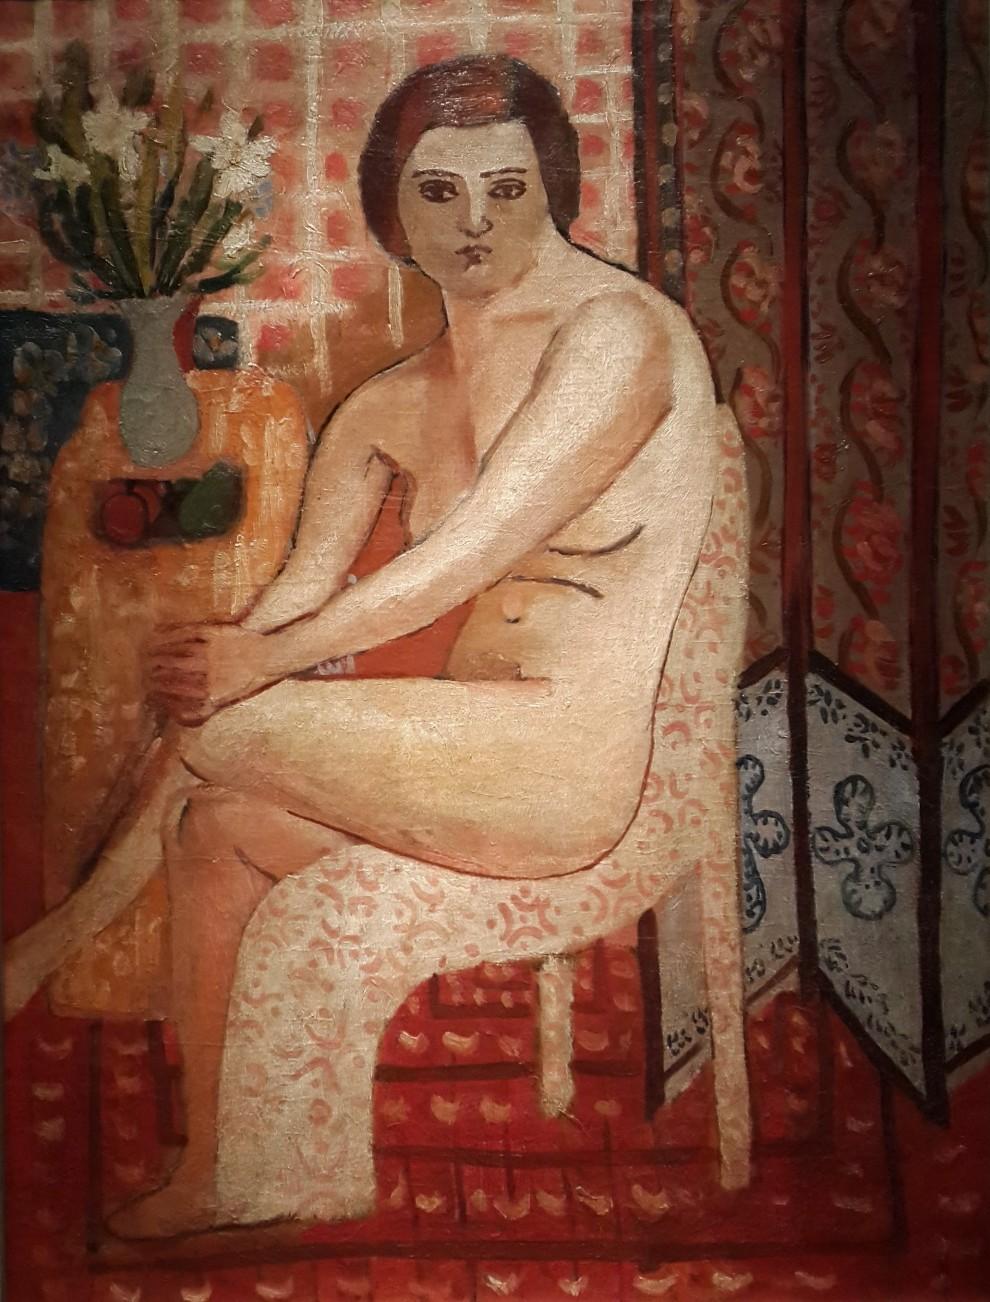 Bedri Rahmi Eyüboğlu, Çıplak, 1930